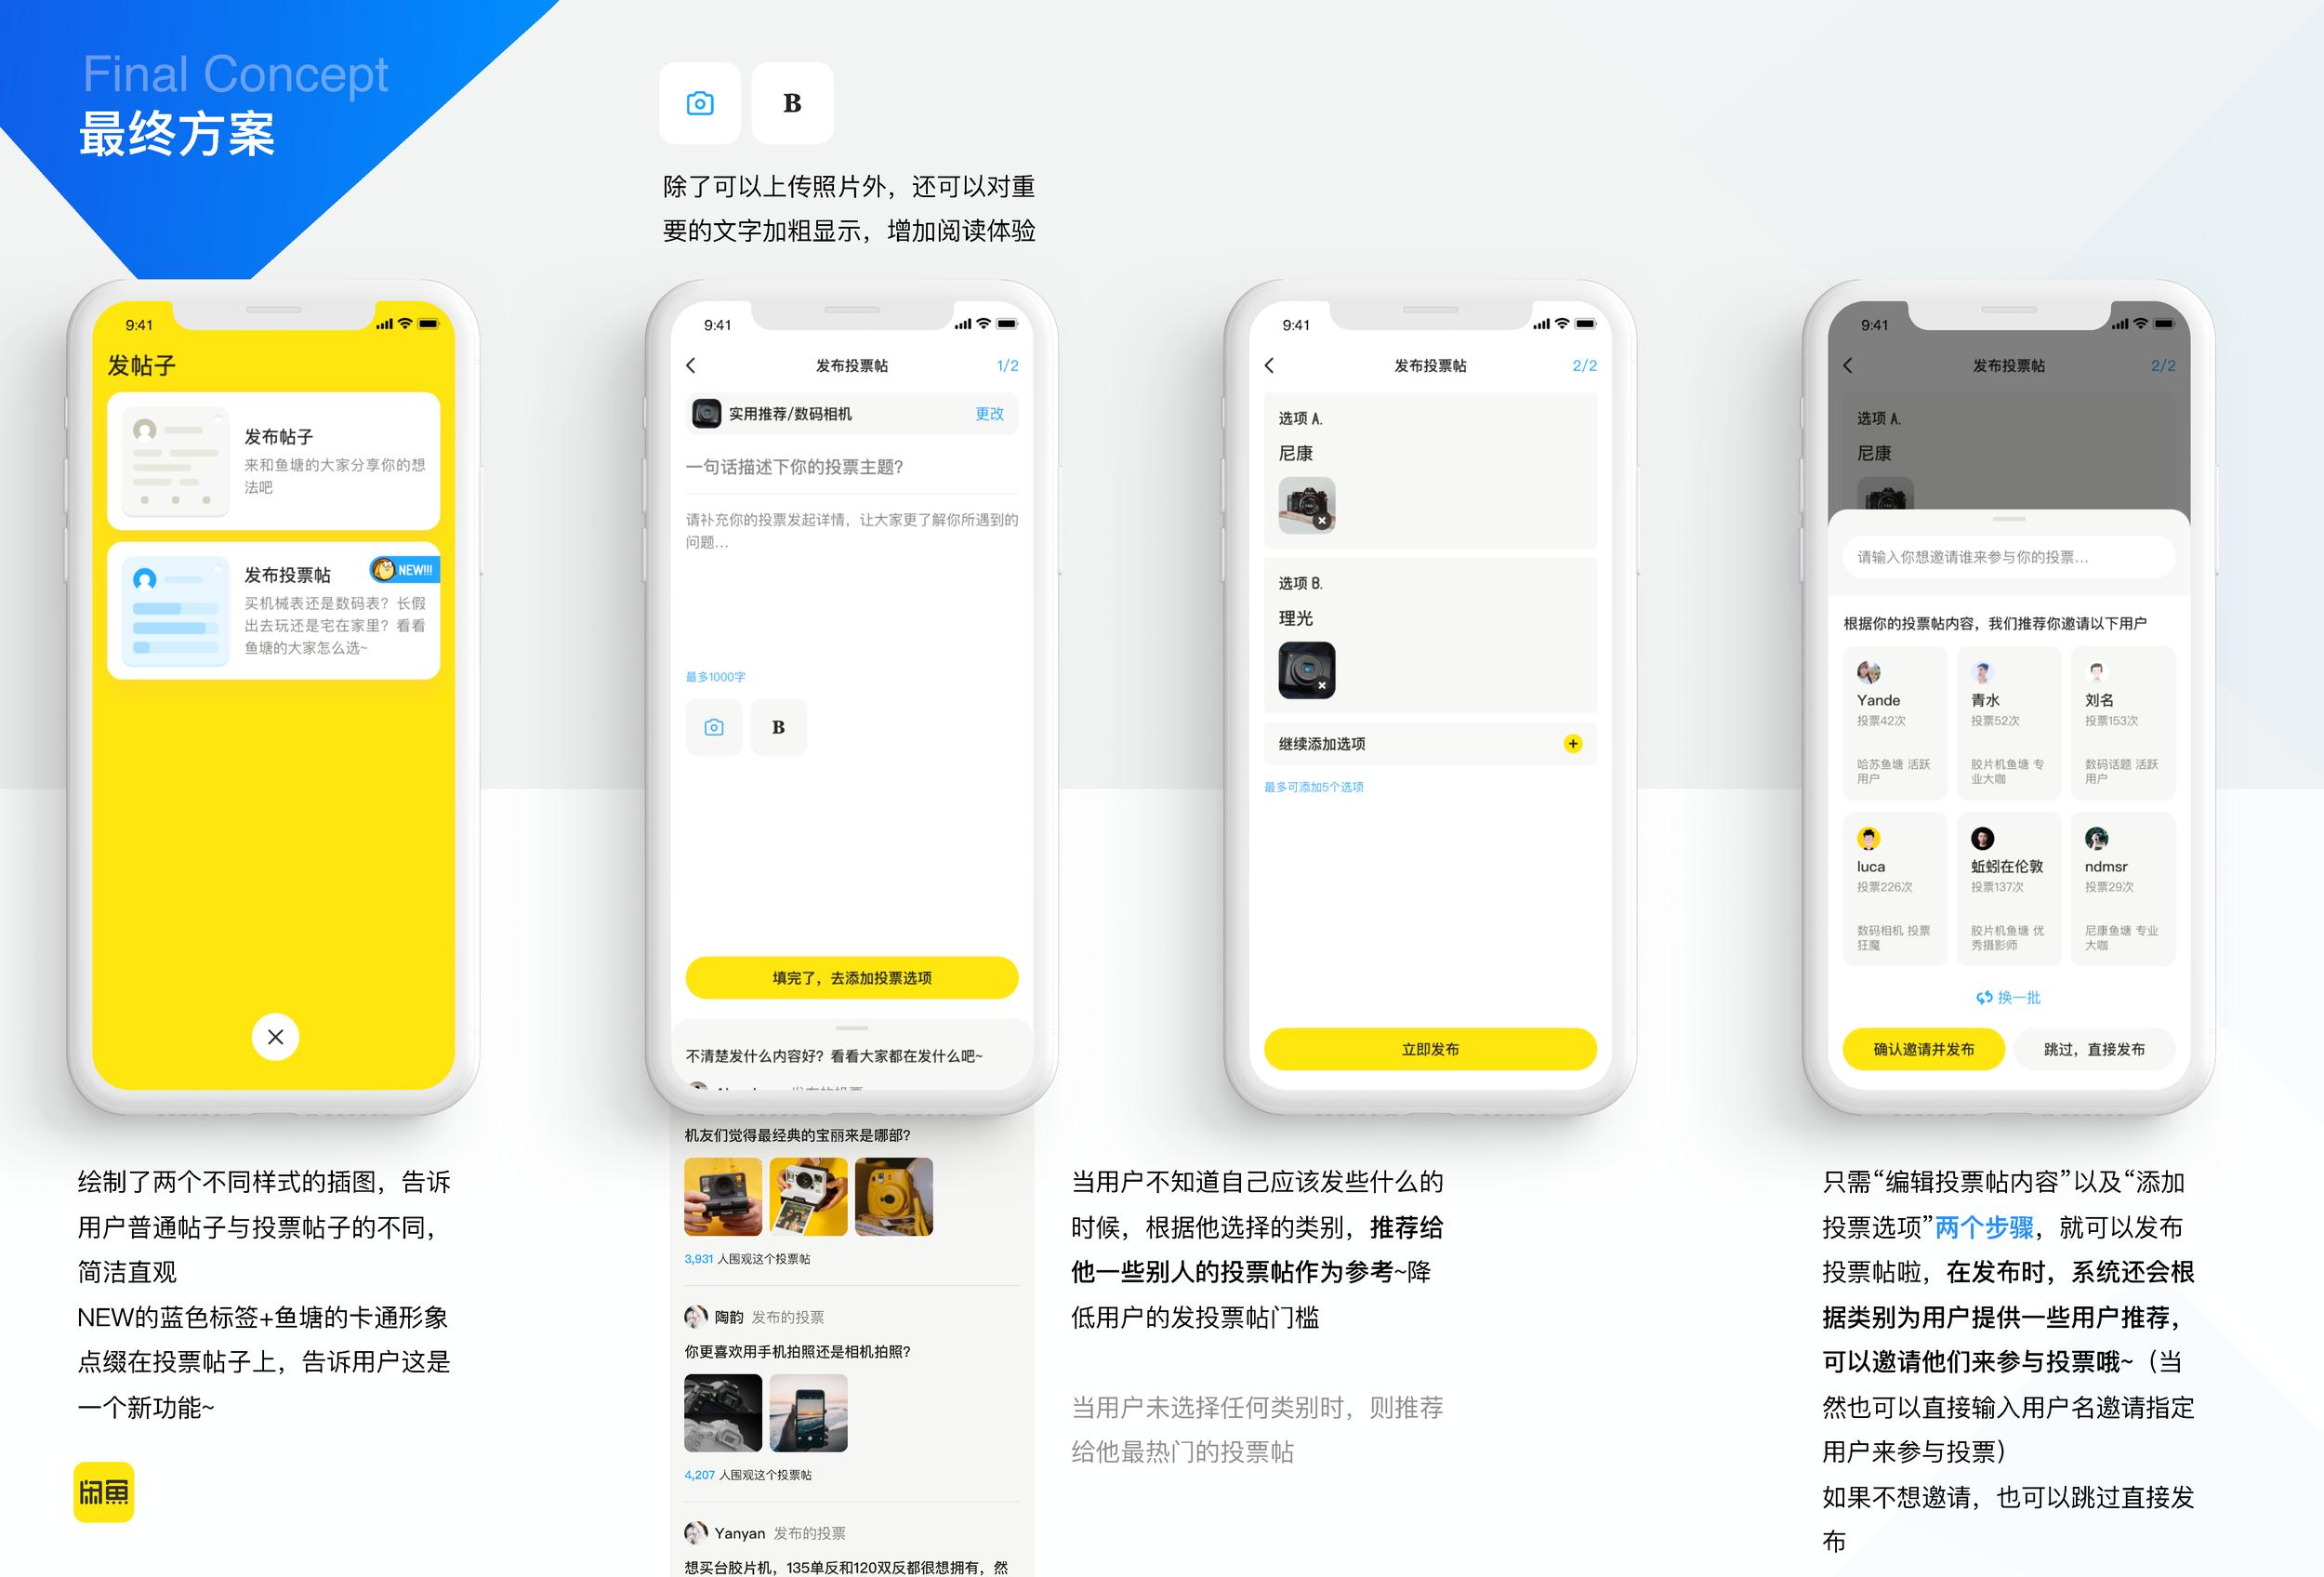 闲鱼社区互动设计(17小组油猫饼)_页面_28.png